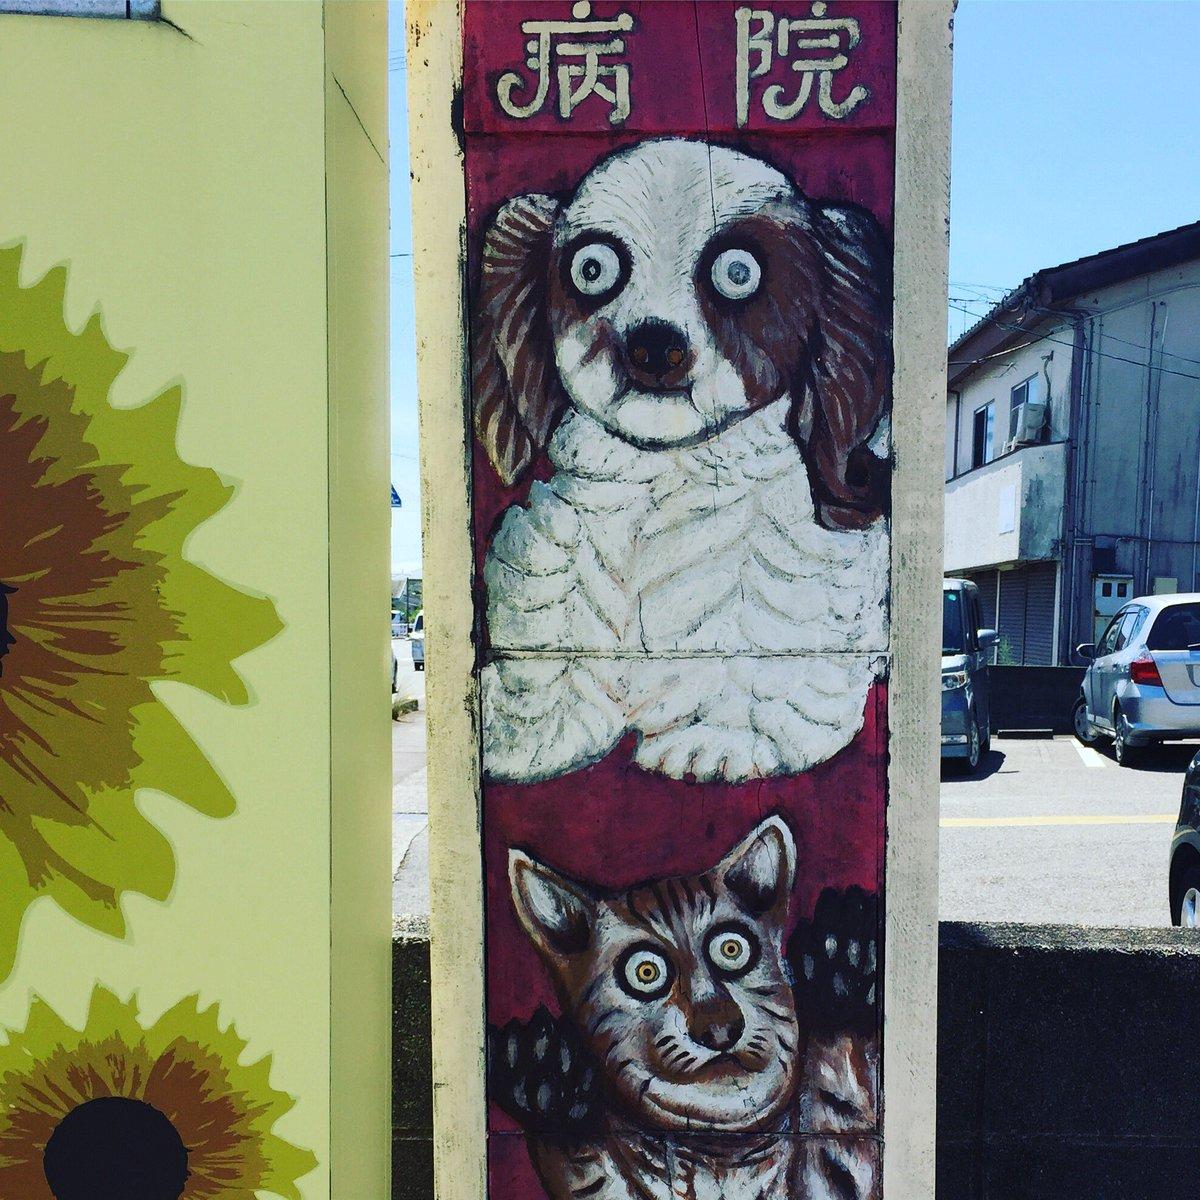 わが家の愛犬のかかりつけの動物病院の看板が最高だから見てーーー!